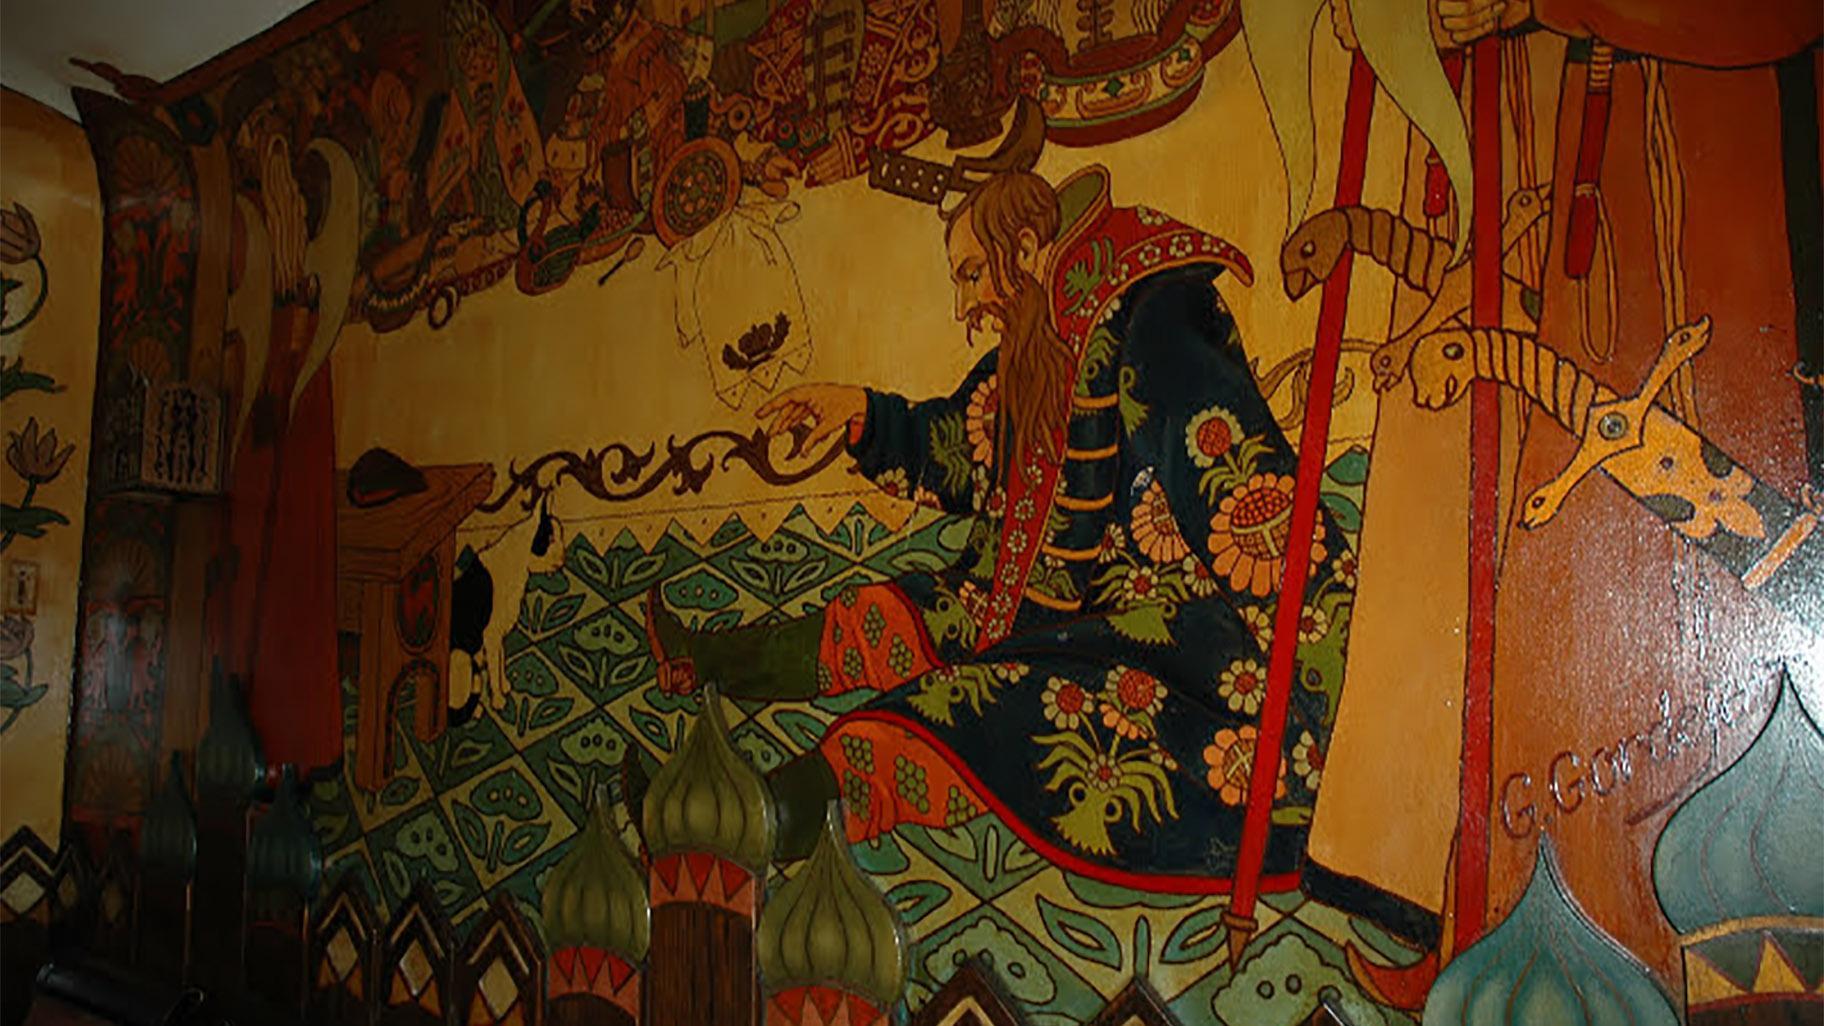 Vrcholem restaurace jsou její rozsáhlé fresky, které zobrazují různé příběhy a témata v různých místnostech.  (S laskavým svolením Irene Hoogstrom)